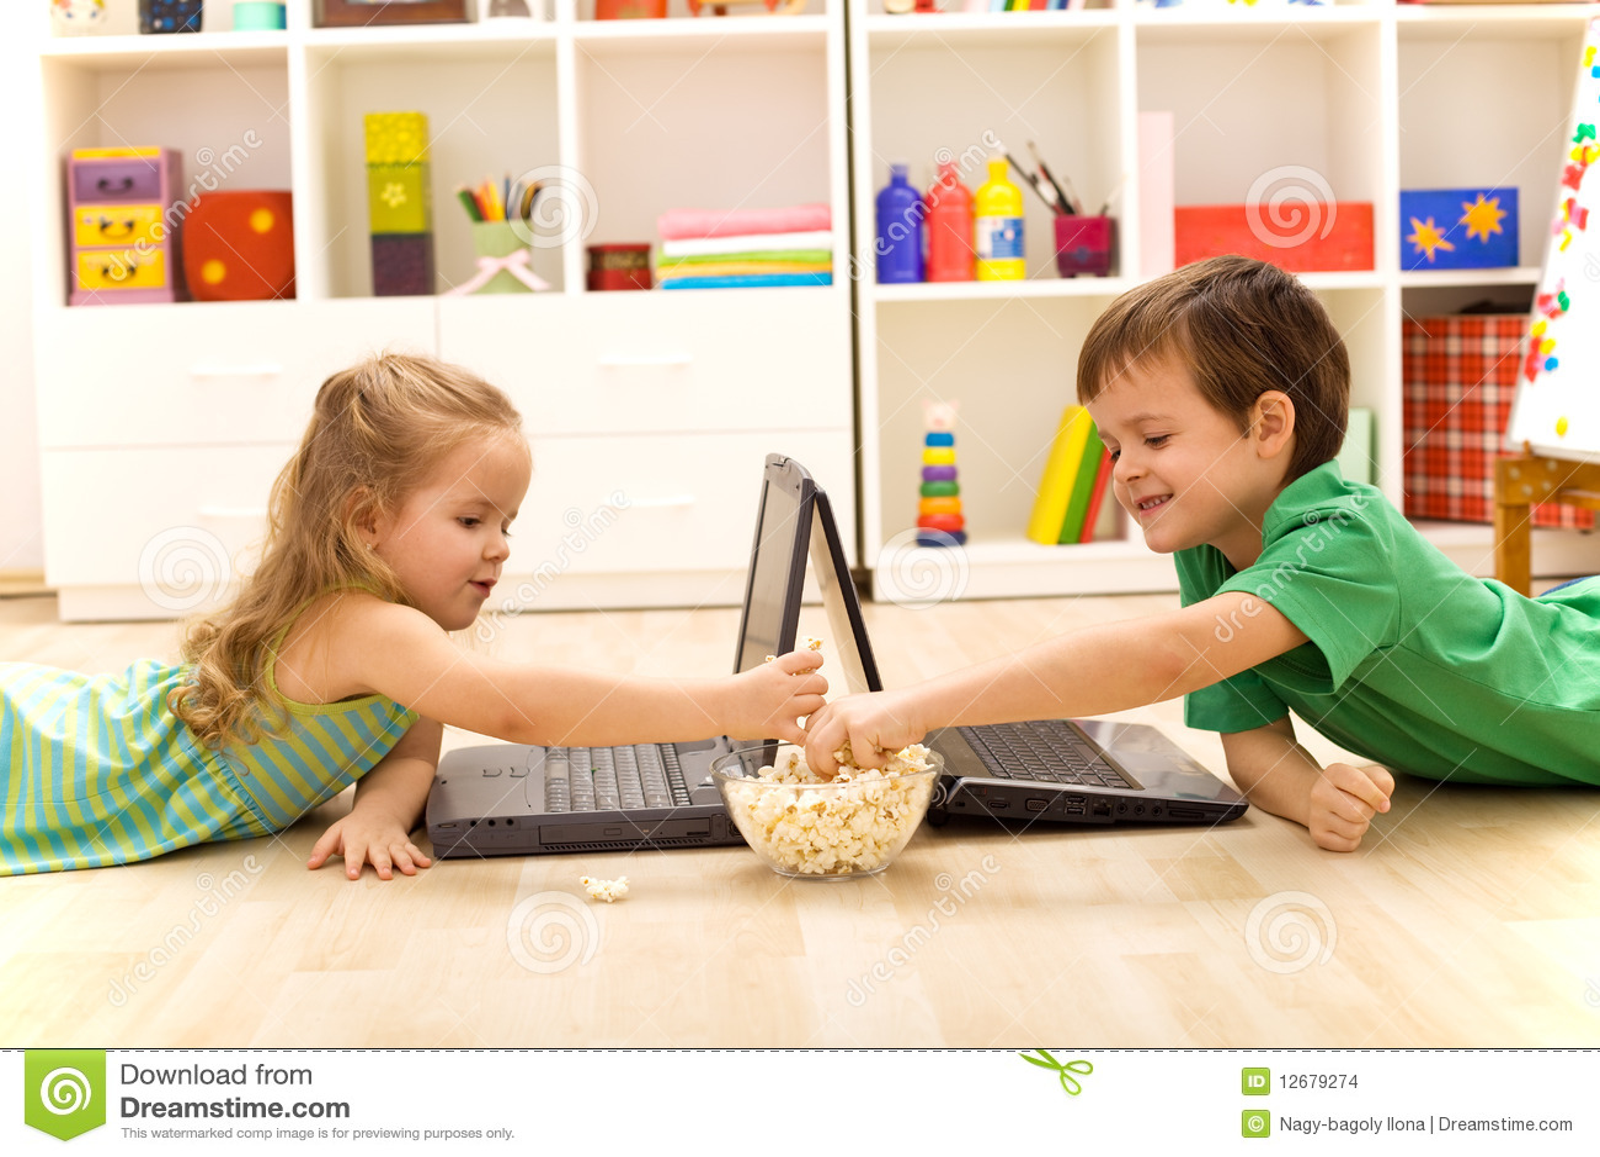 Jonge geitjes die met laptops popcorn eten